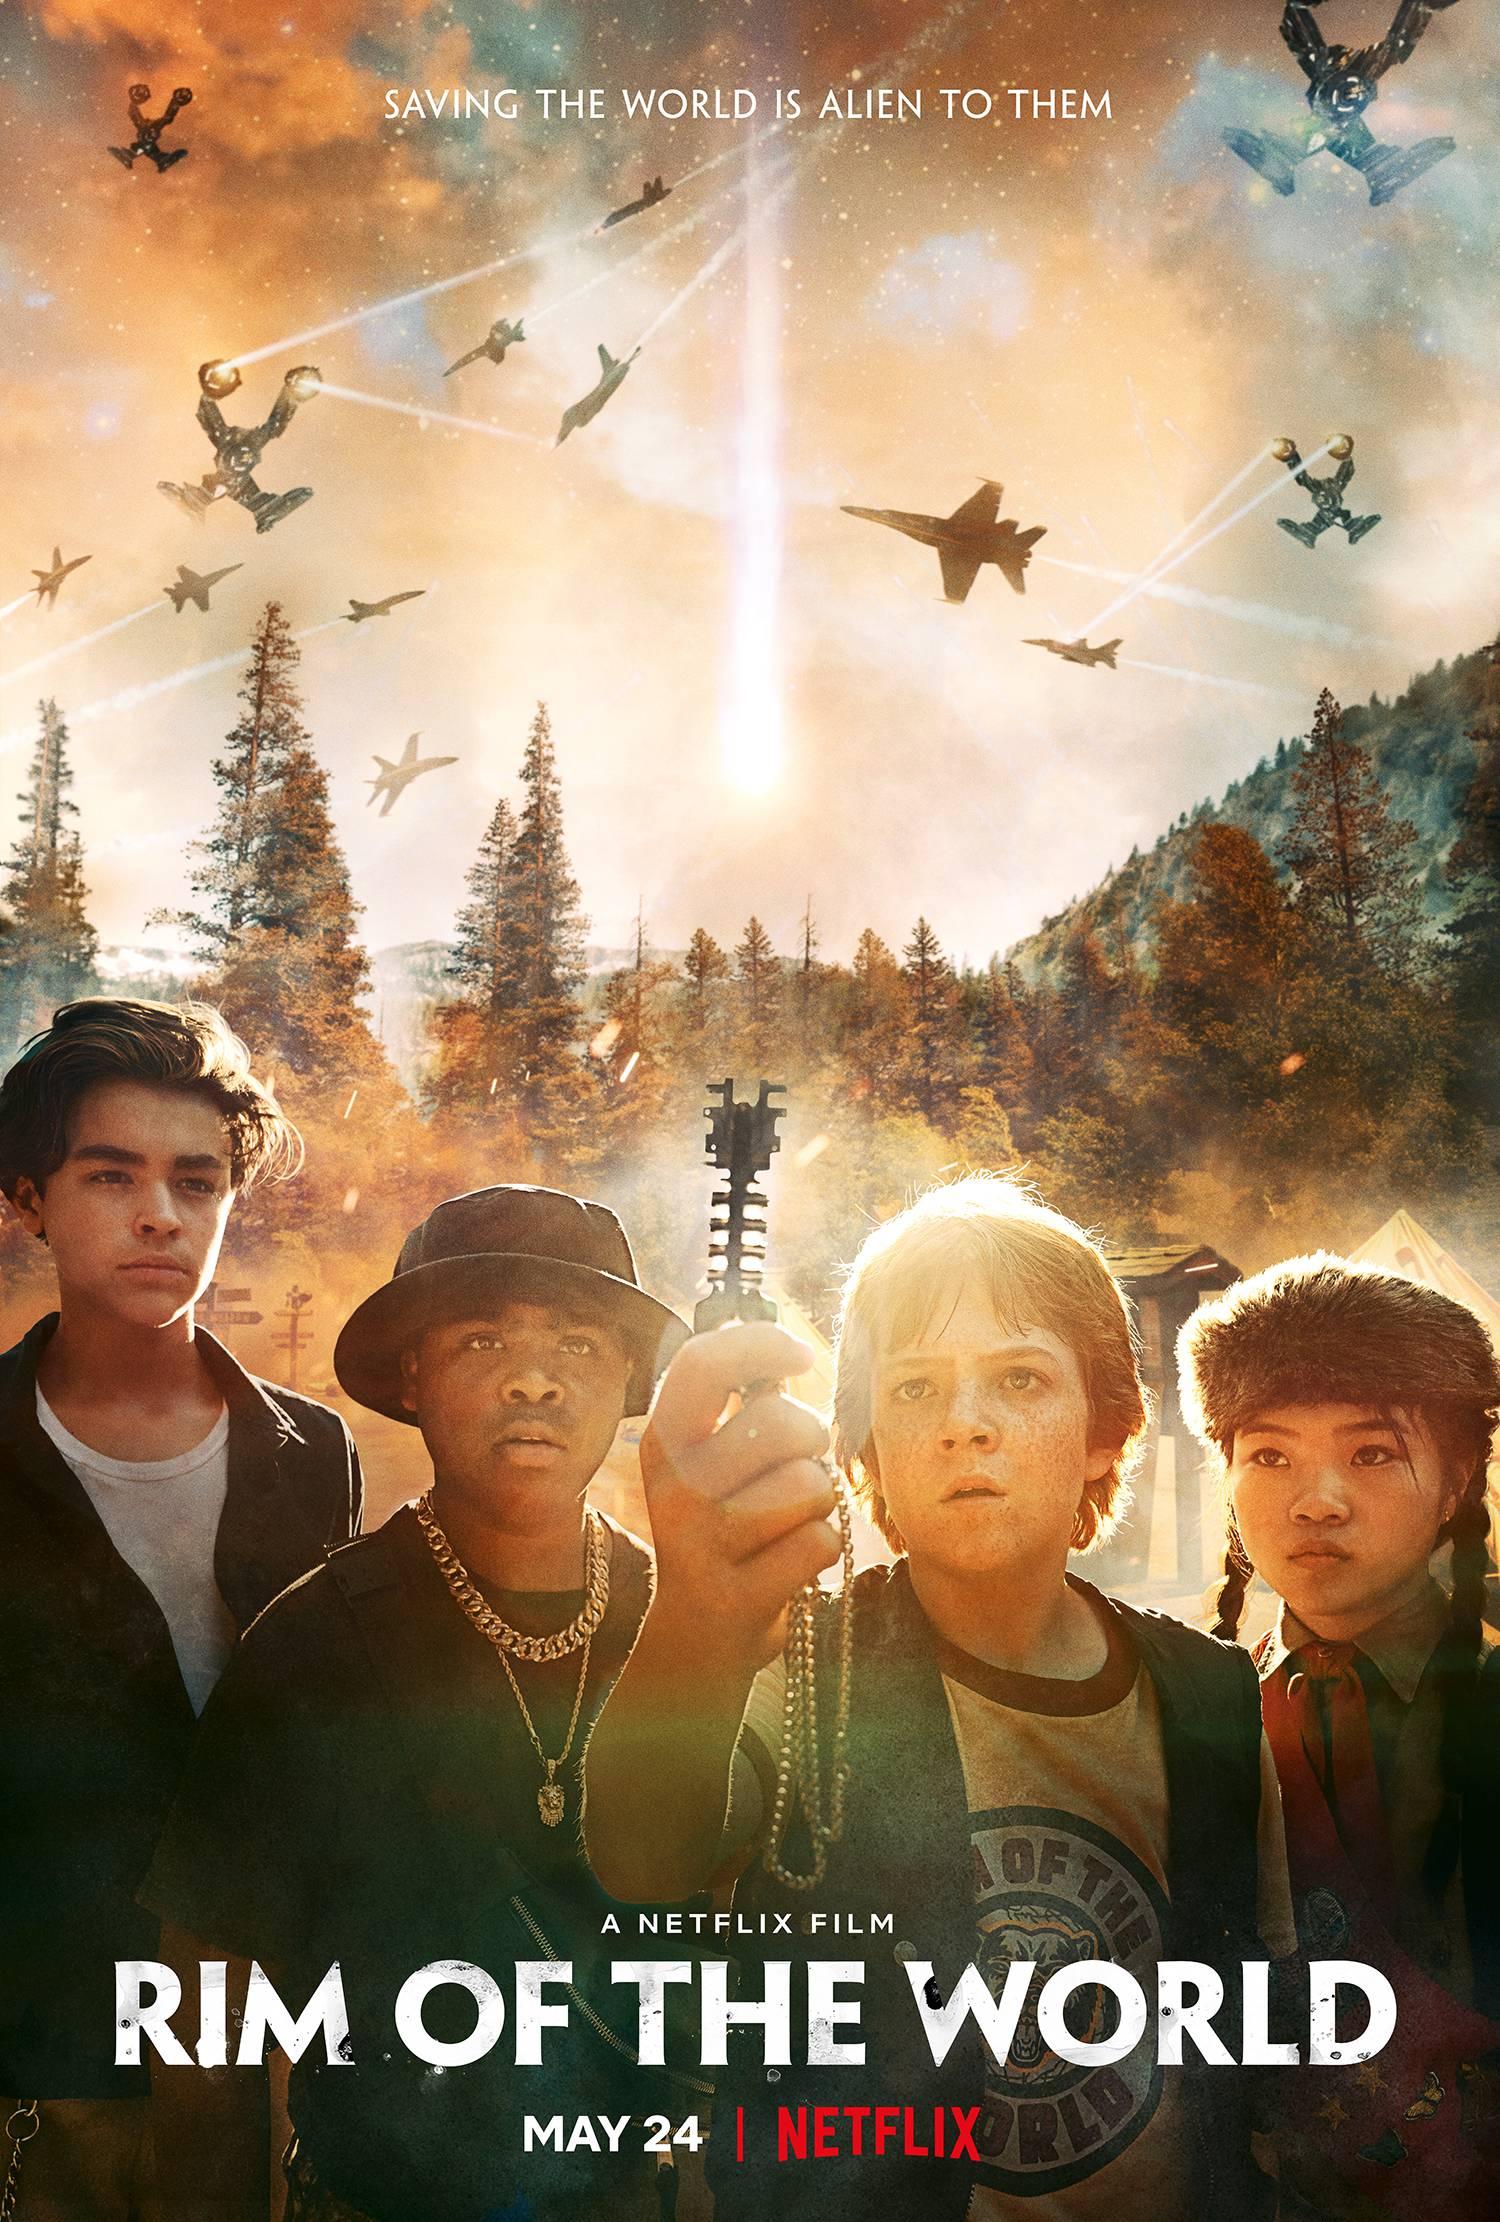 Подростки спасают мир: трейлер НФ-фильма «Рубеж мира»